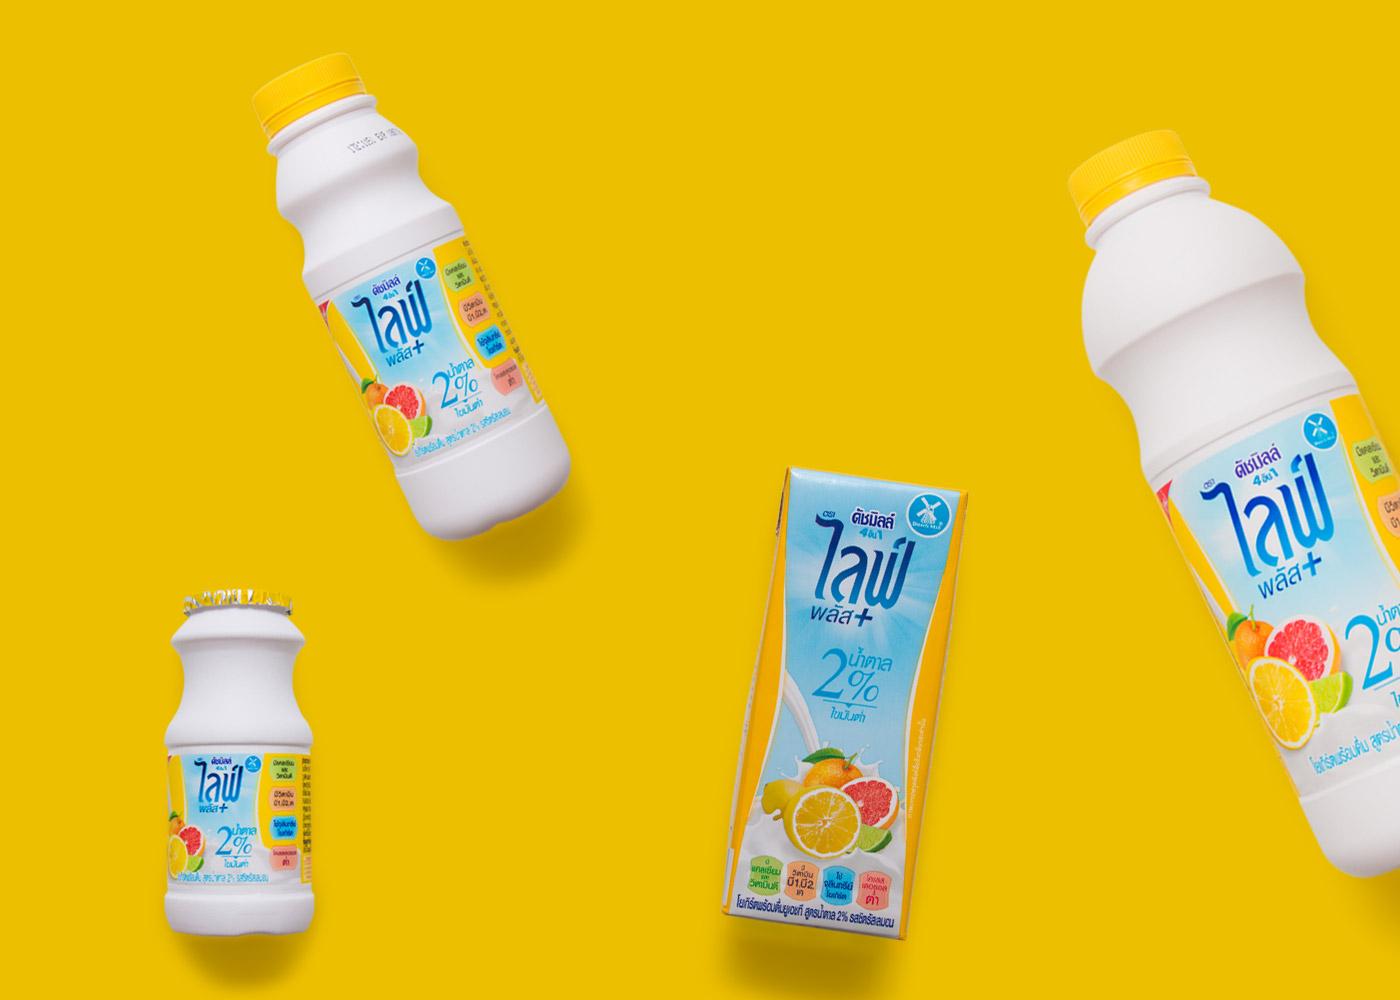 พลังงานของดัชมิลล์ 4 IN 1 ไลฟ์พลัส สูตรน้ำตาล 2% รสซิตรัสเลมอน